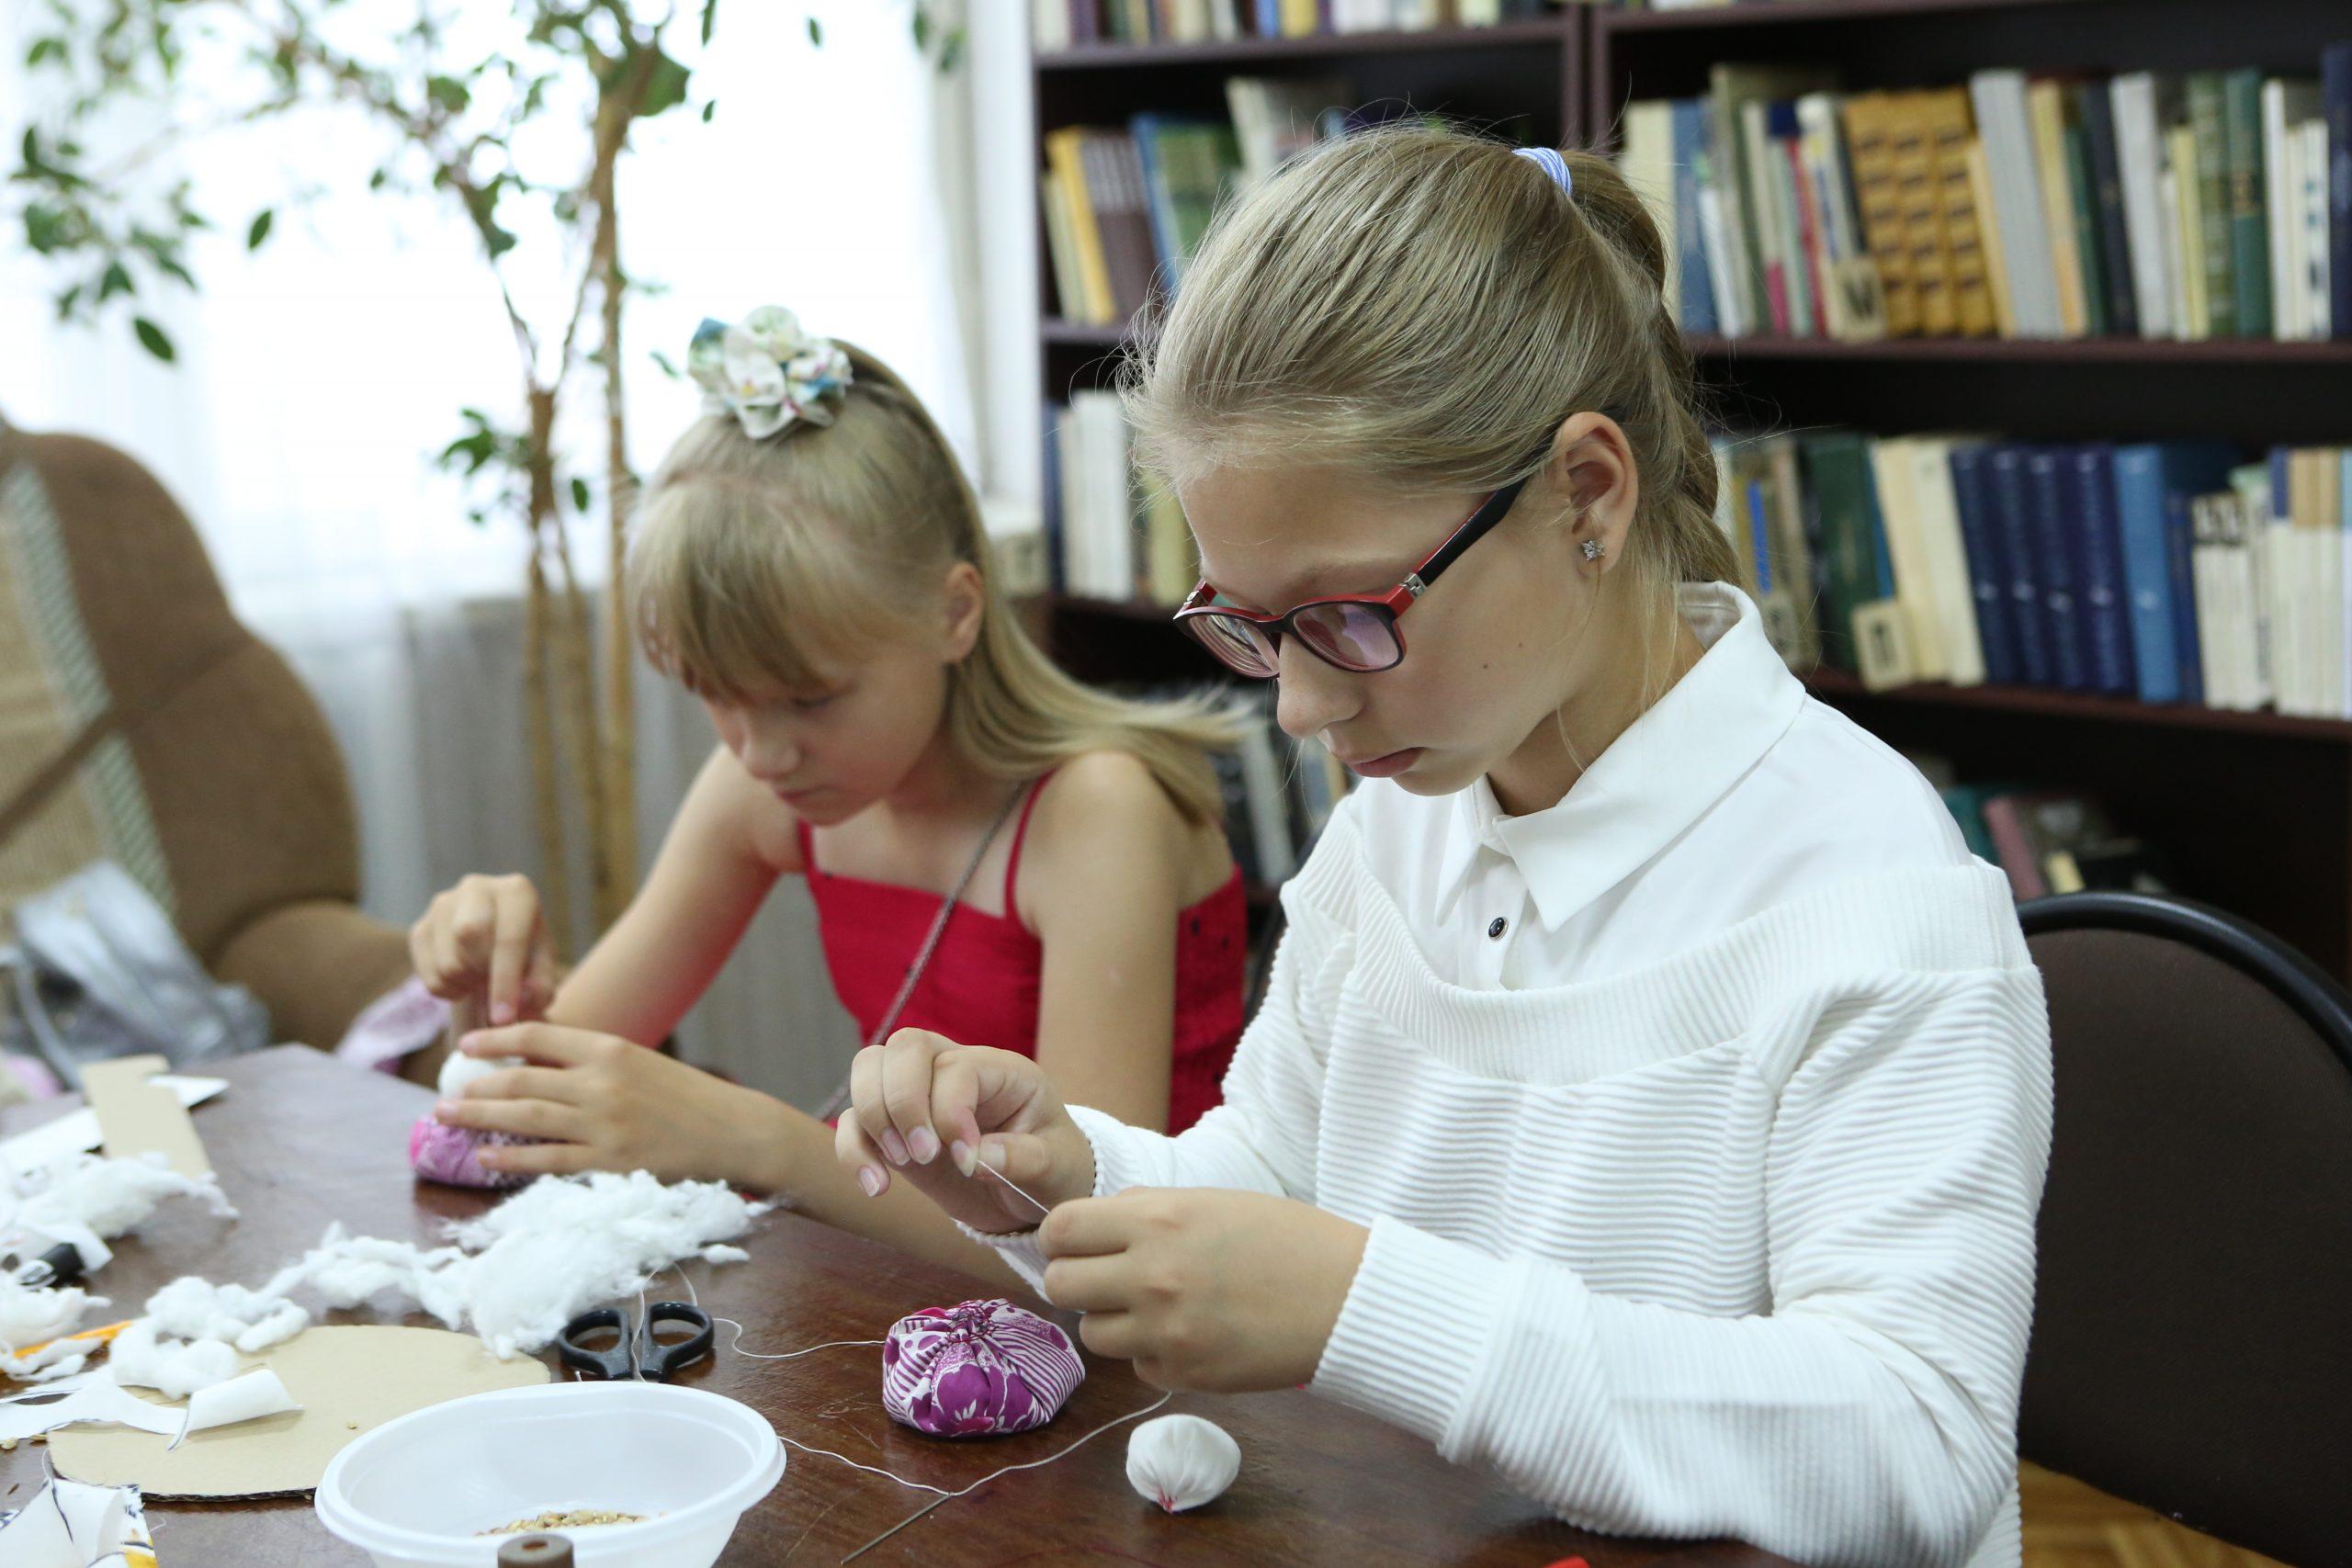 Мастер-класс к Международному женскому дню организовали сотрудники Центра культуры и спорта «Филимонковское»